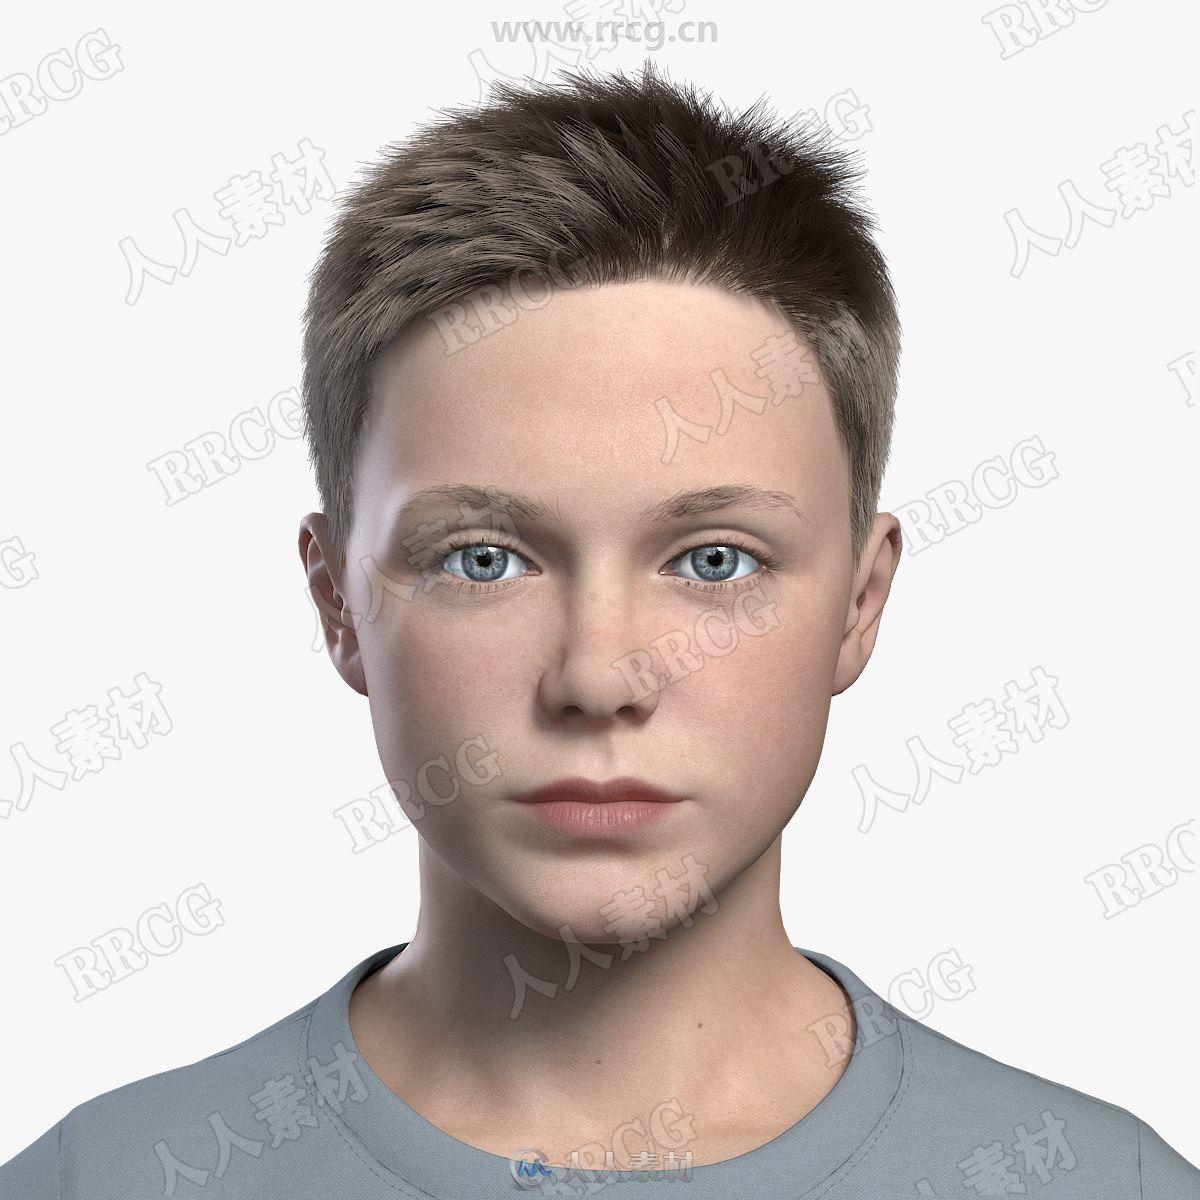 高精度10岁欧美男孩角色完整3D模型